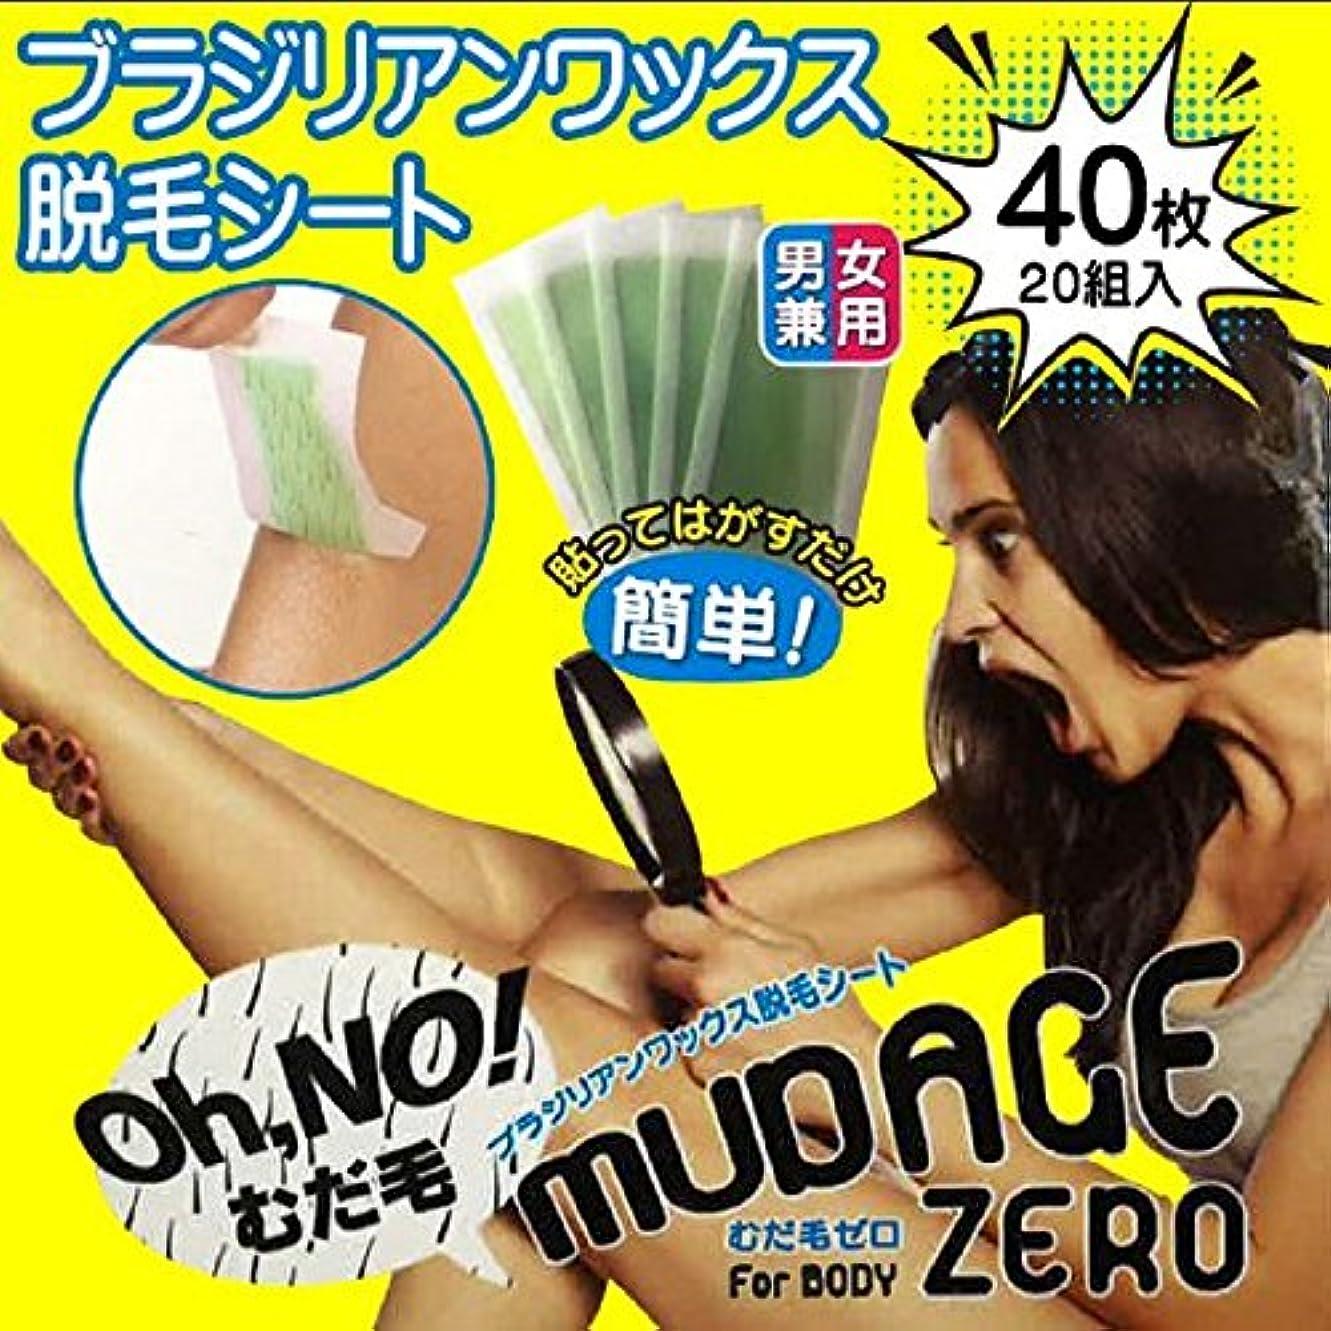 懸念話をする涙貼って剥がすだけ ブラジリアンワックス 脱毛シート MUDAGE ZERO for Body (40枚入り)